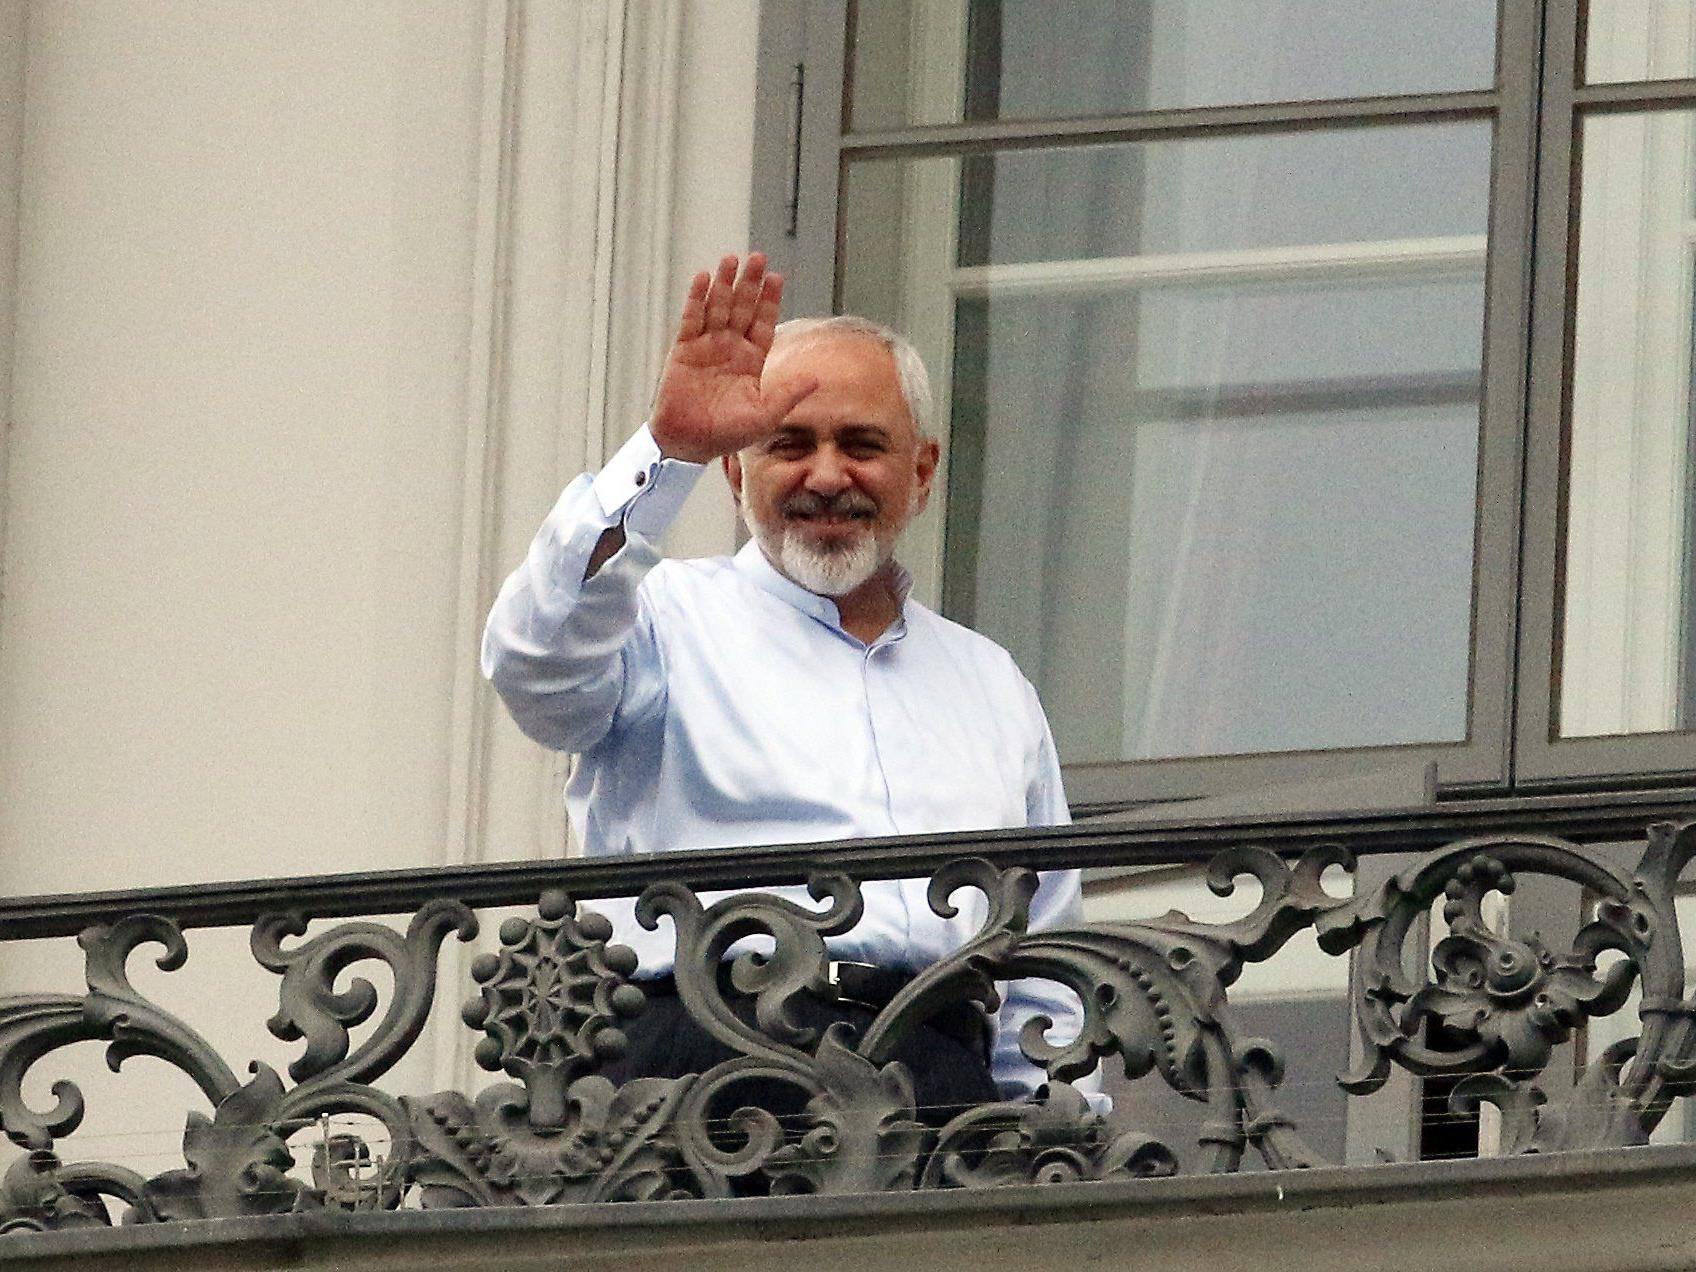 Iran erlaubt Untersuchung zu früherem Atomprogramm.